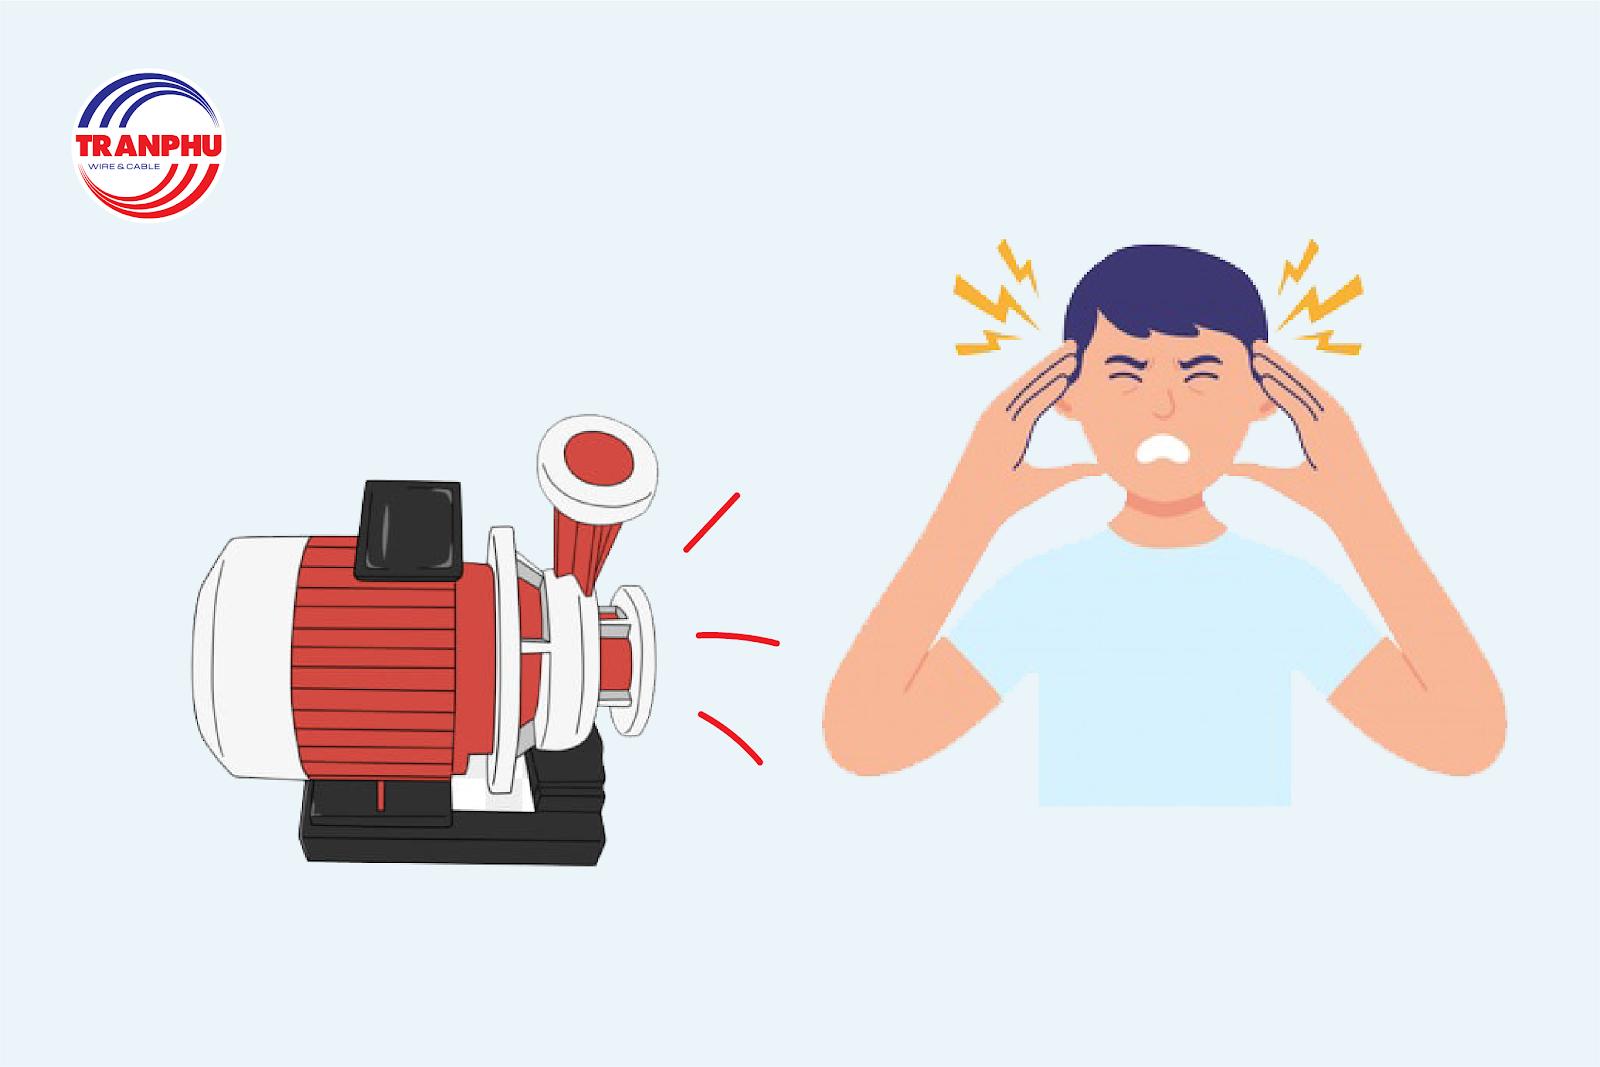 Máy bơm hoạt động khi điện yếu thường rất ồn